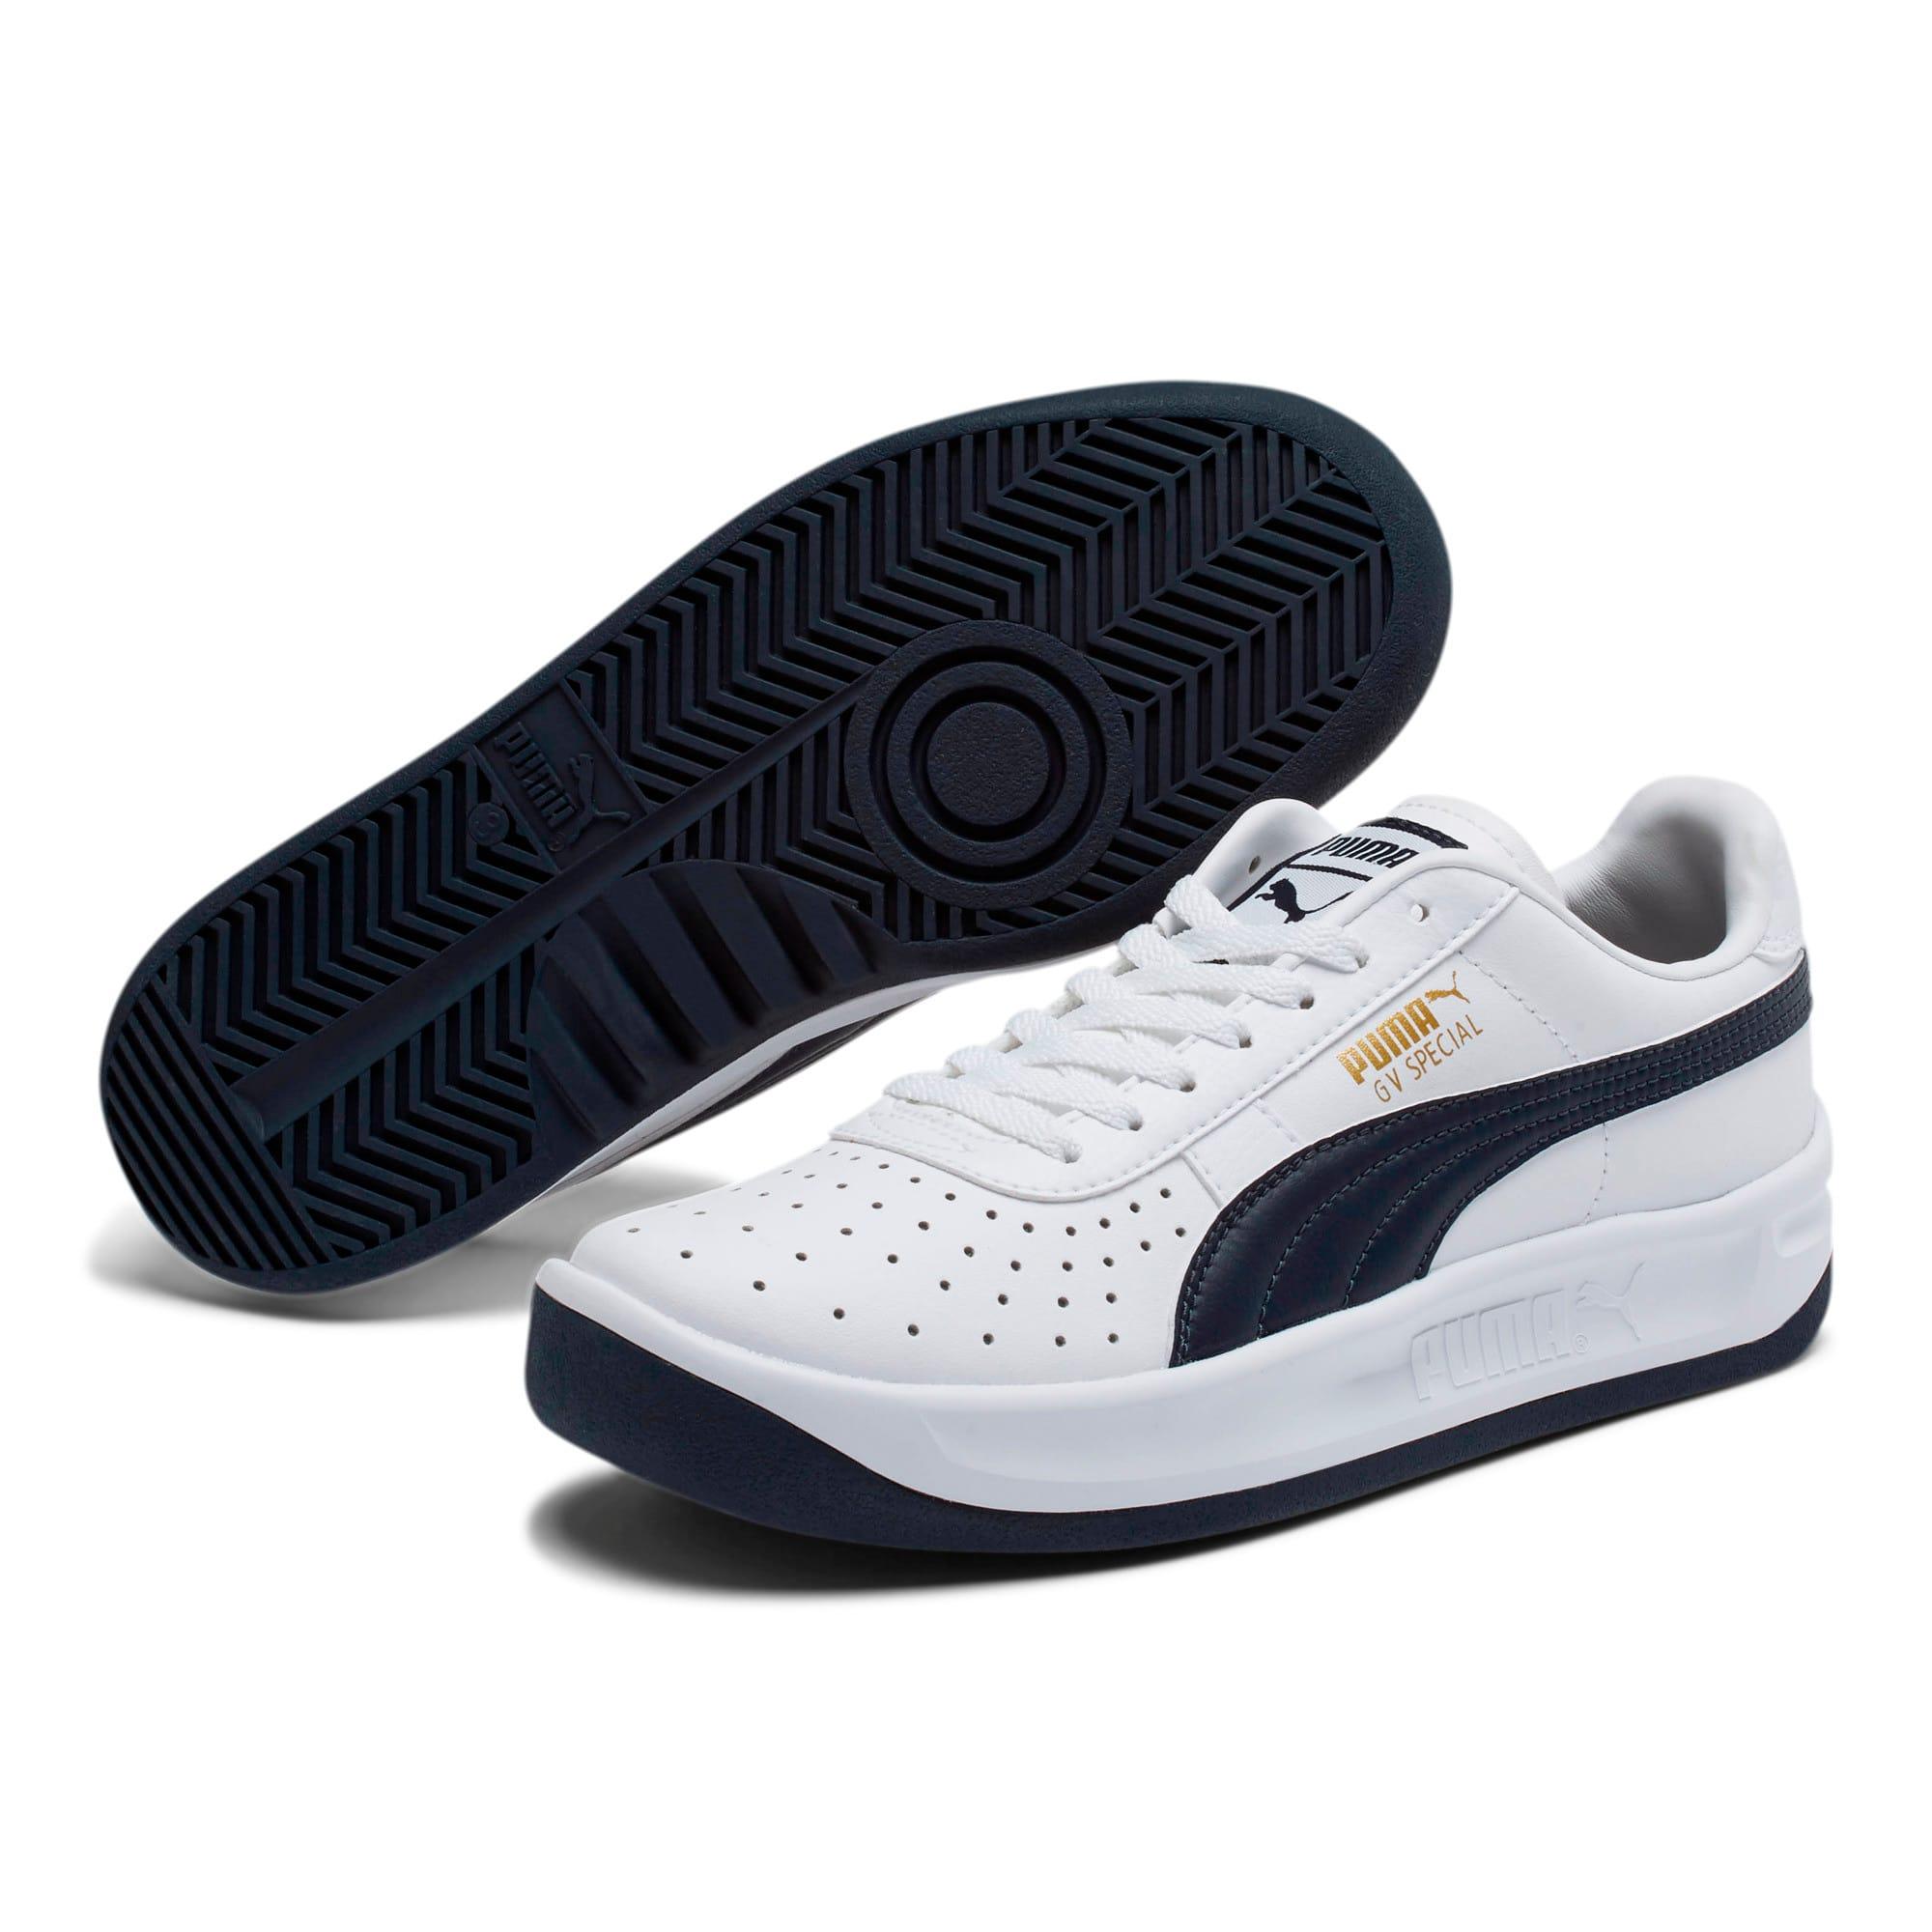 Miniatura 2 de Zapatos deportivos GV Special JR, Puma White-Peacoat, mediano